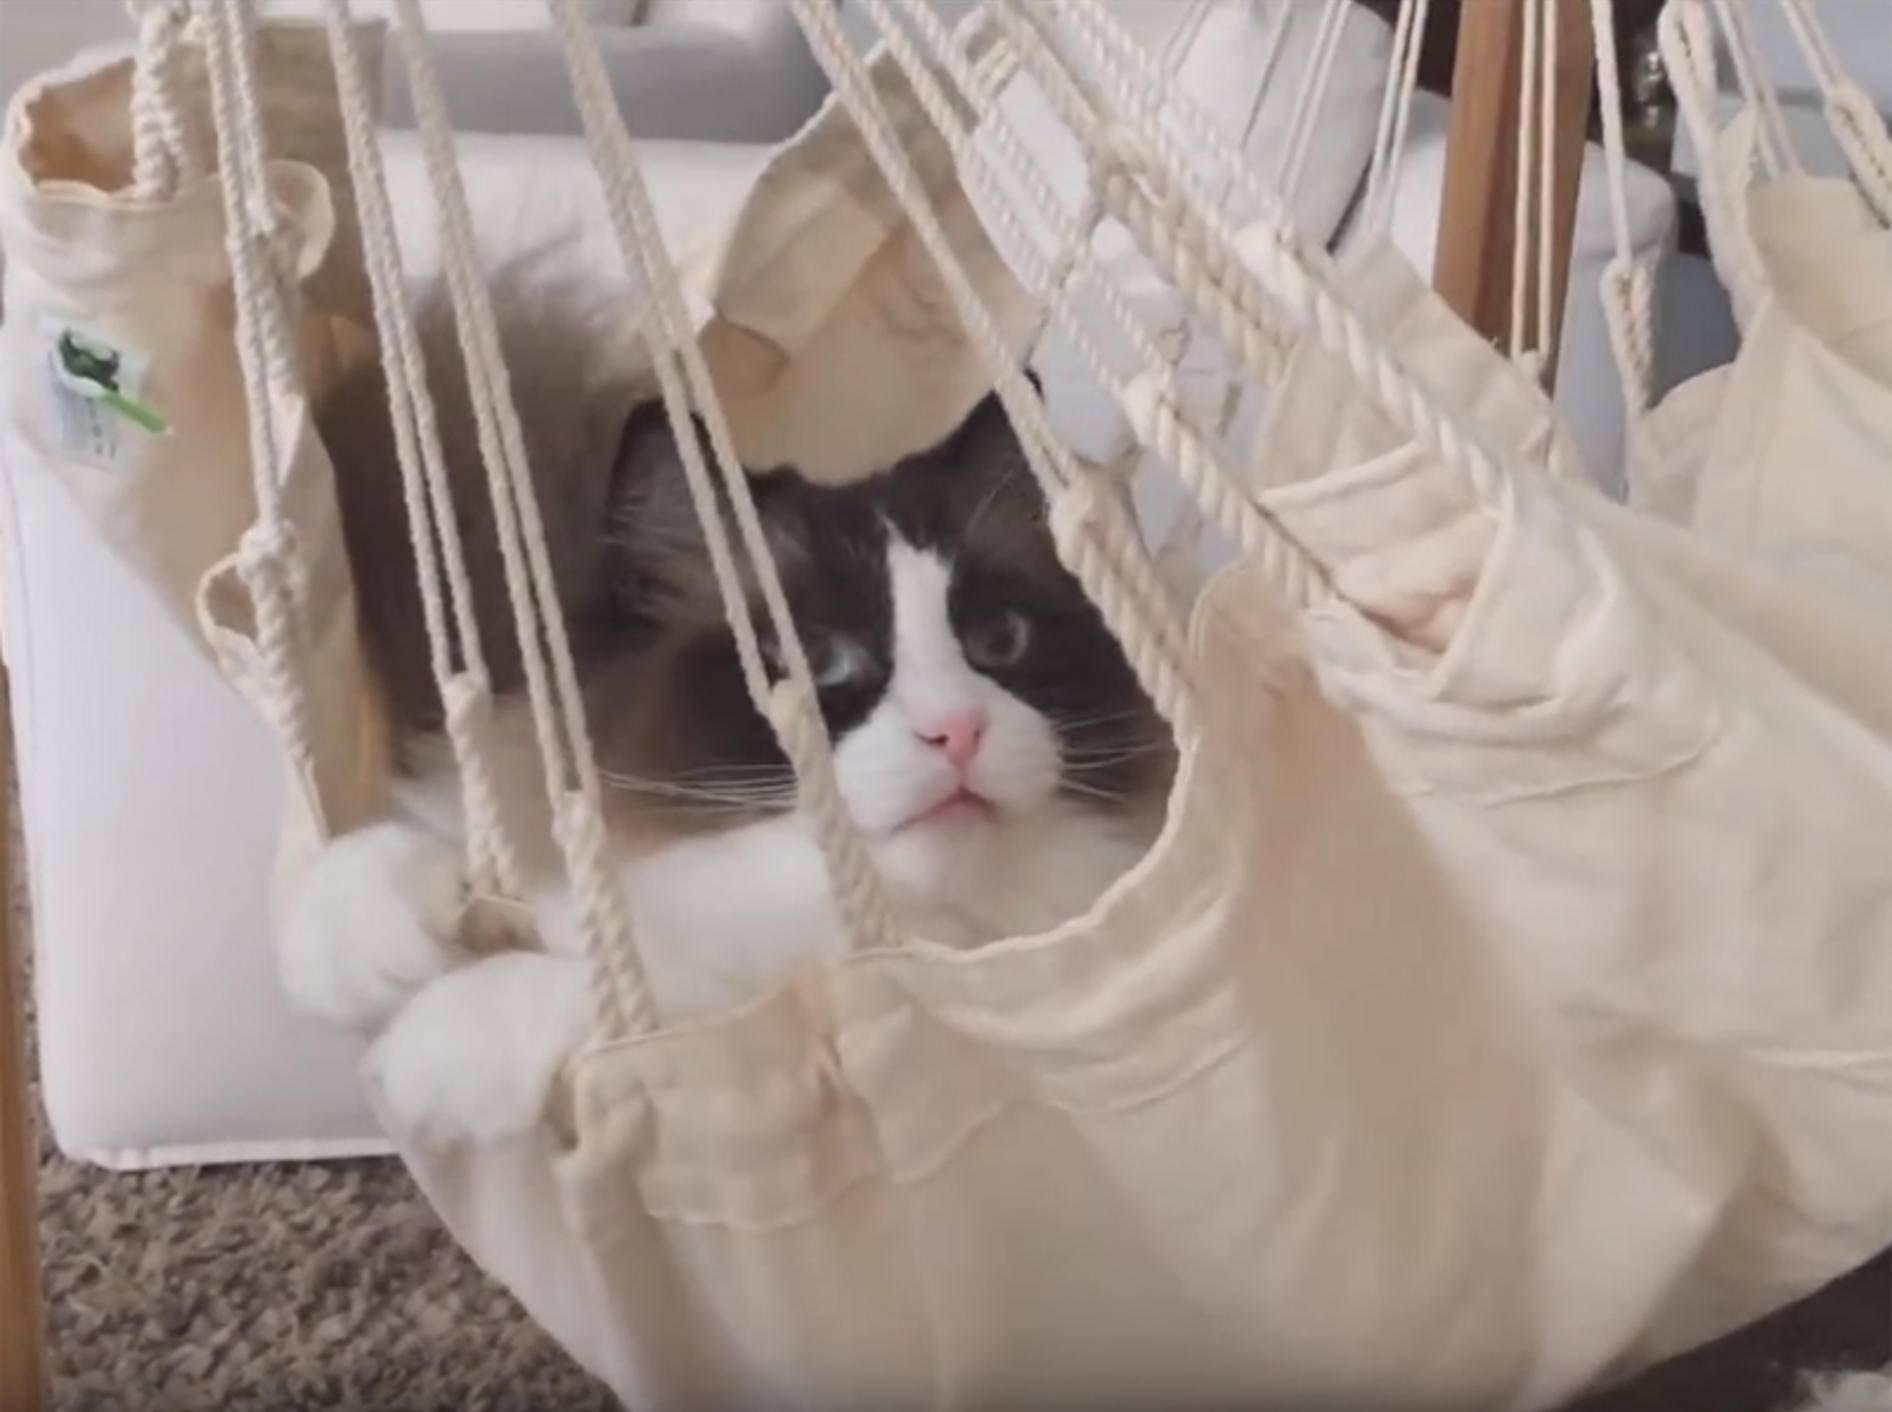 Ragdoll-Kater Timo bekommt eine neue Hängematte – YouTube / Xiedubbel